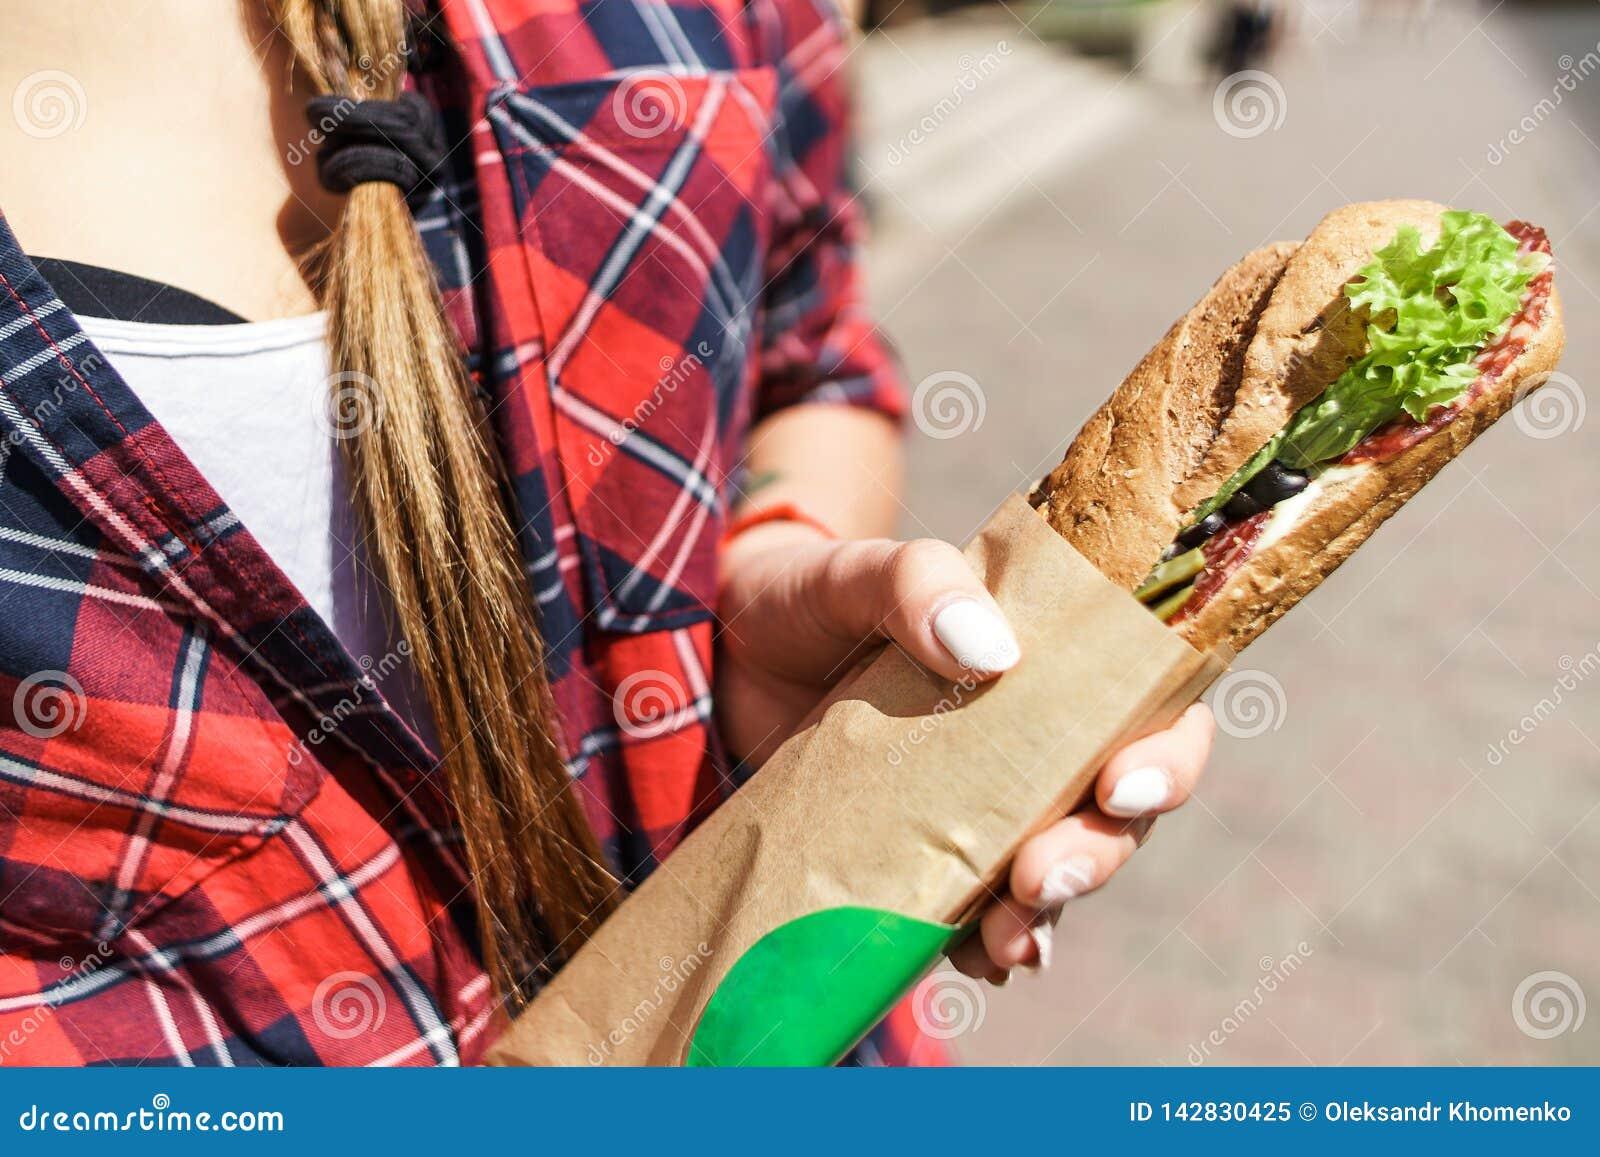 Kvinnlig hand som rymmer en smörgås